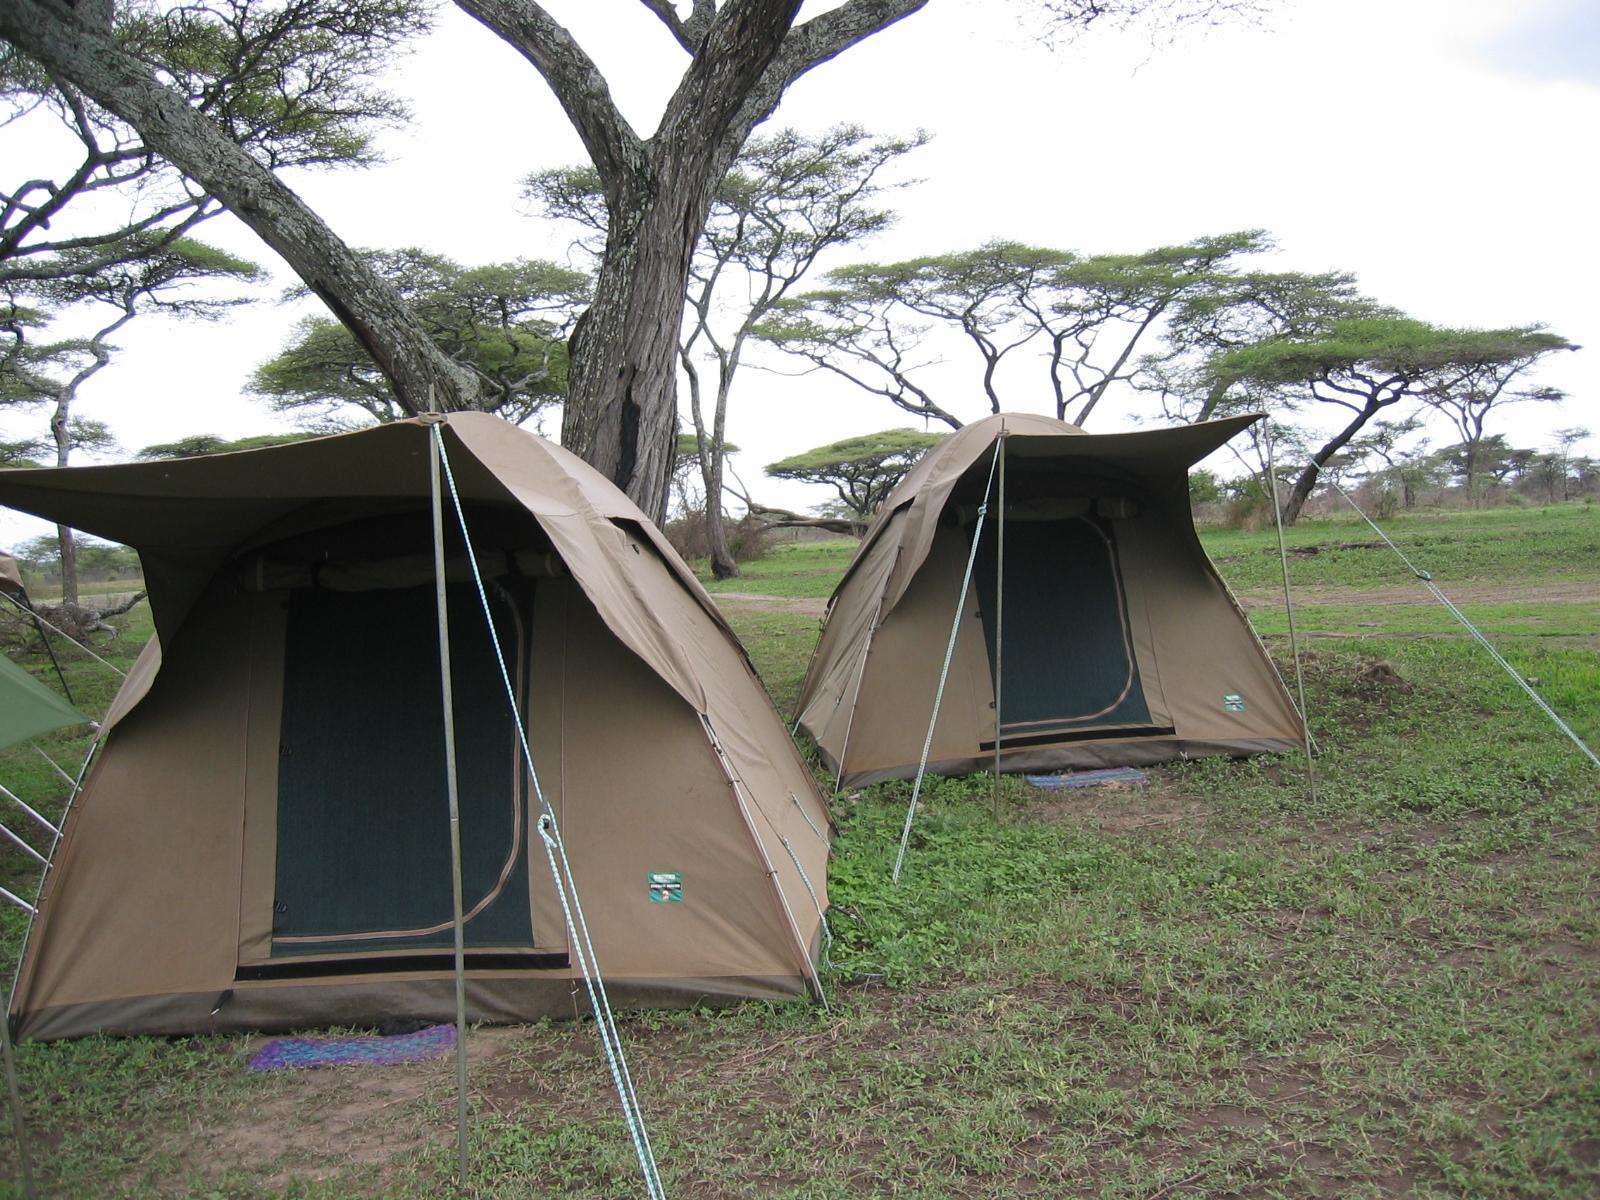 Viaje a Tanzania - Campamentos básicos